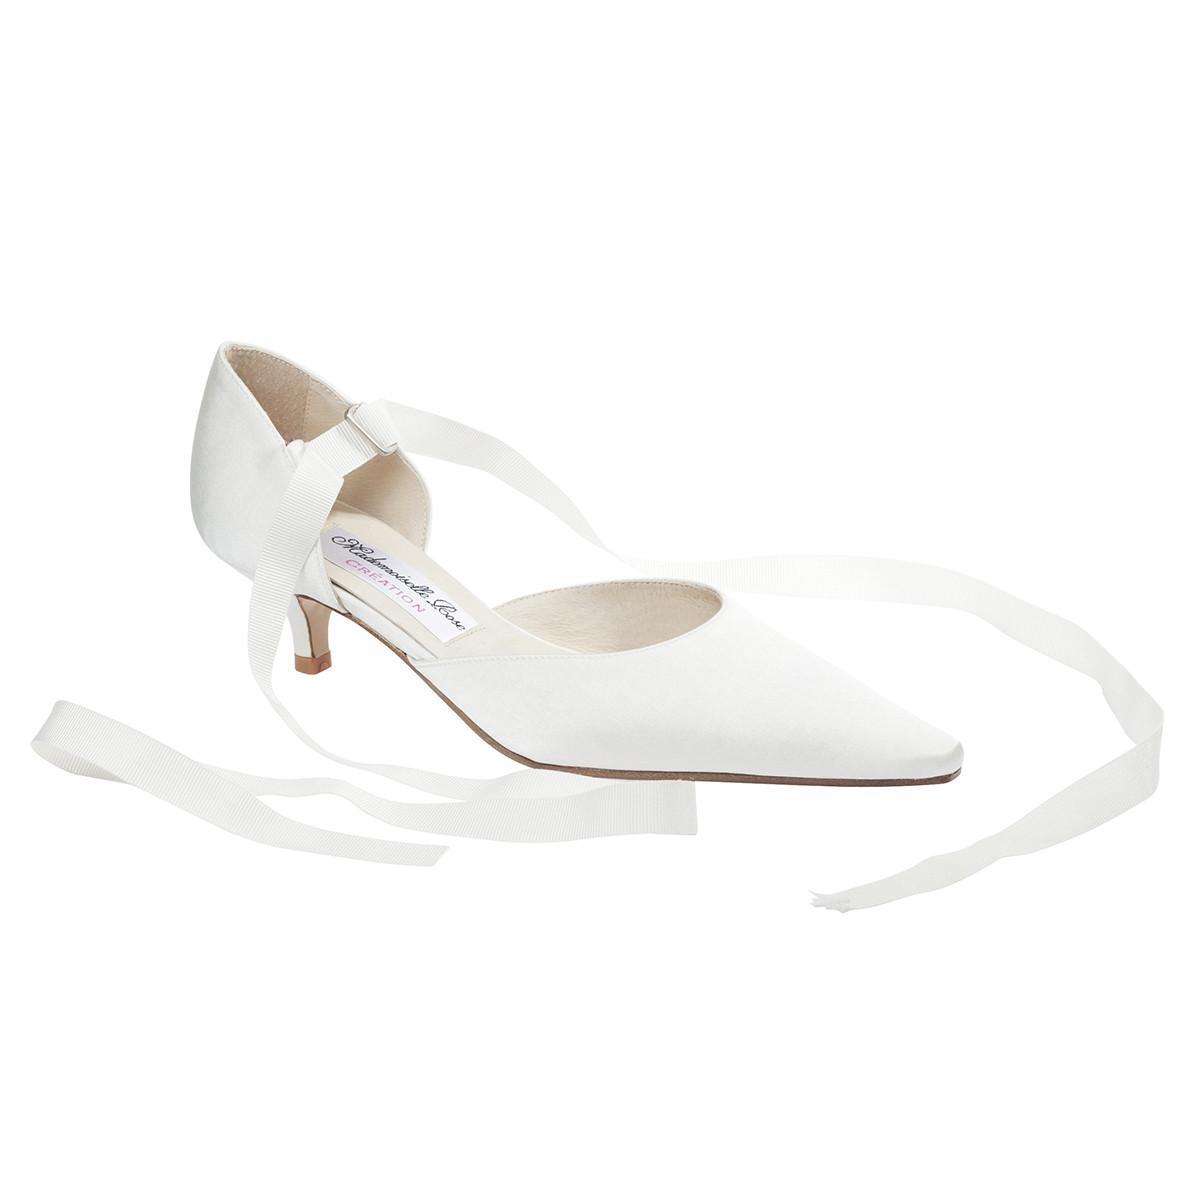 711a9846fc95 Chaussure à ruban - Mademoiselle Rose chaussures de mariée sur ...